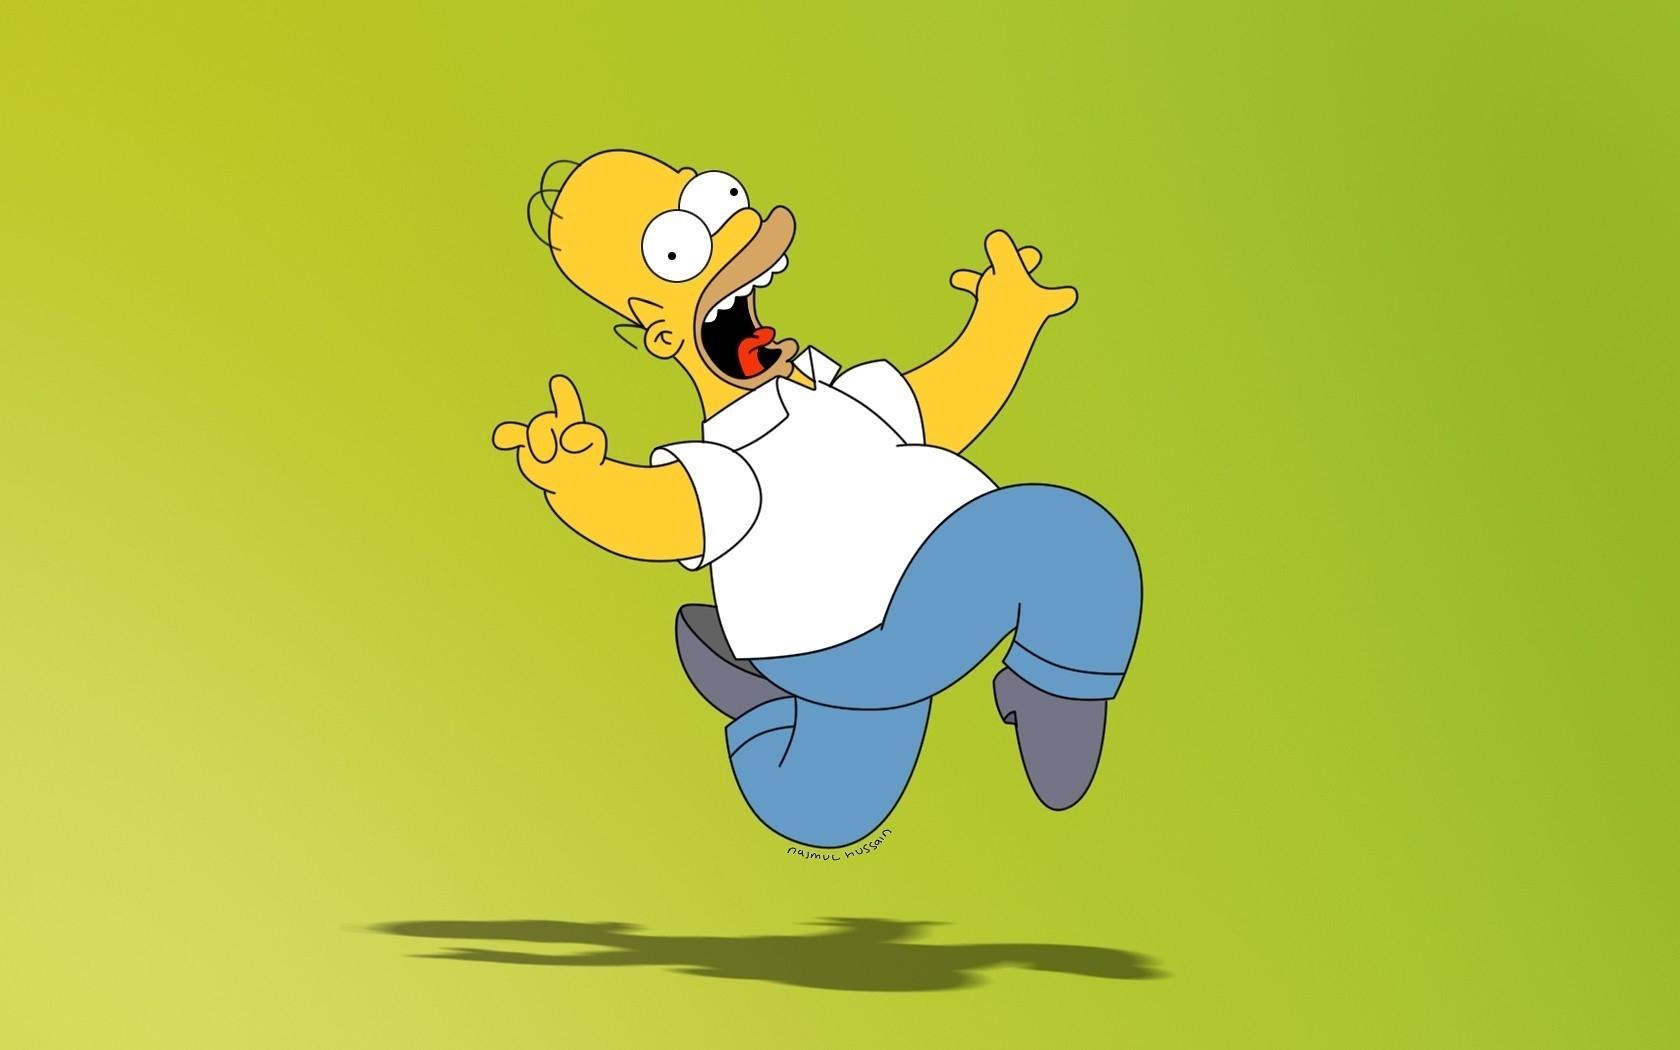 24399 Hintergrundbild herunterladen Cartoon, Homer Simpson, Die Simpsons - Bildschirmschoner und Bilder kostenlos